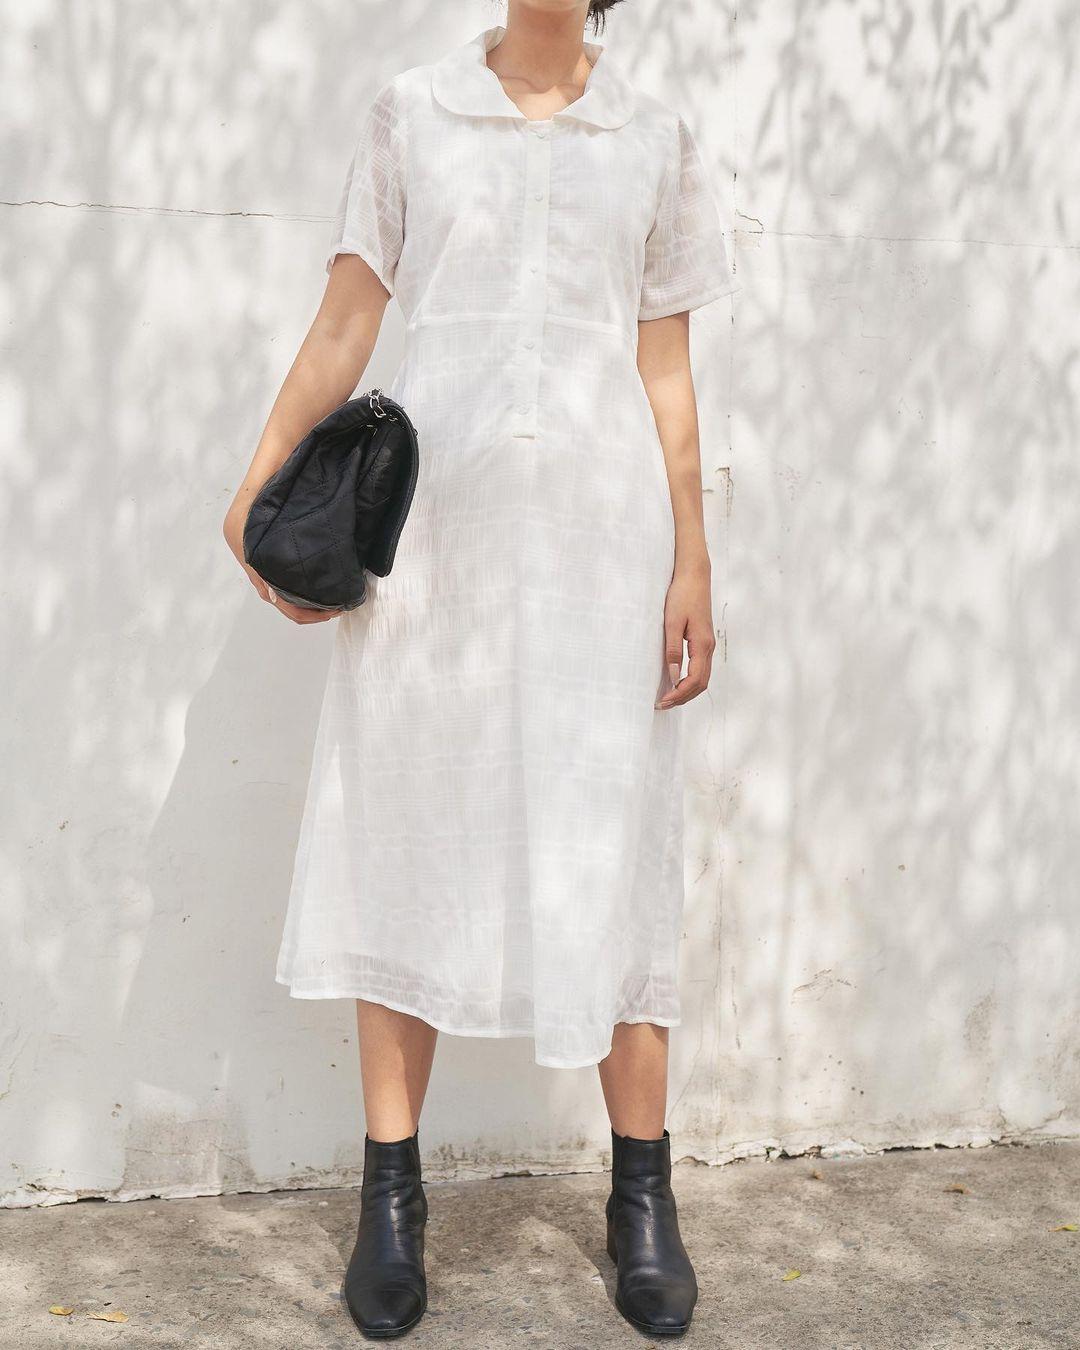 Sắm váy sơ mi rộng rãi mát mẻ mặc lên xinh như gái Hàn đi chị em, giá chỉ từ 180k thôi - Ảnh 7.